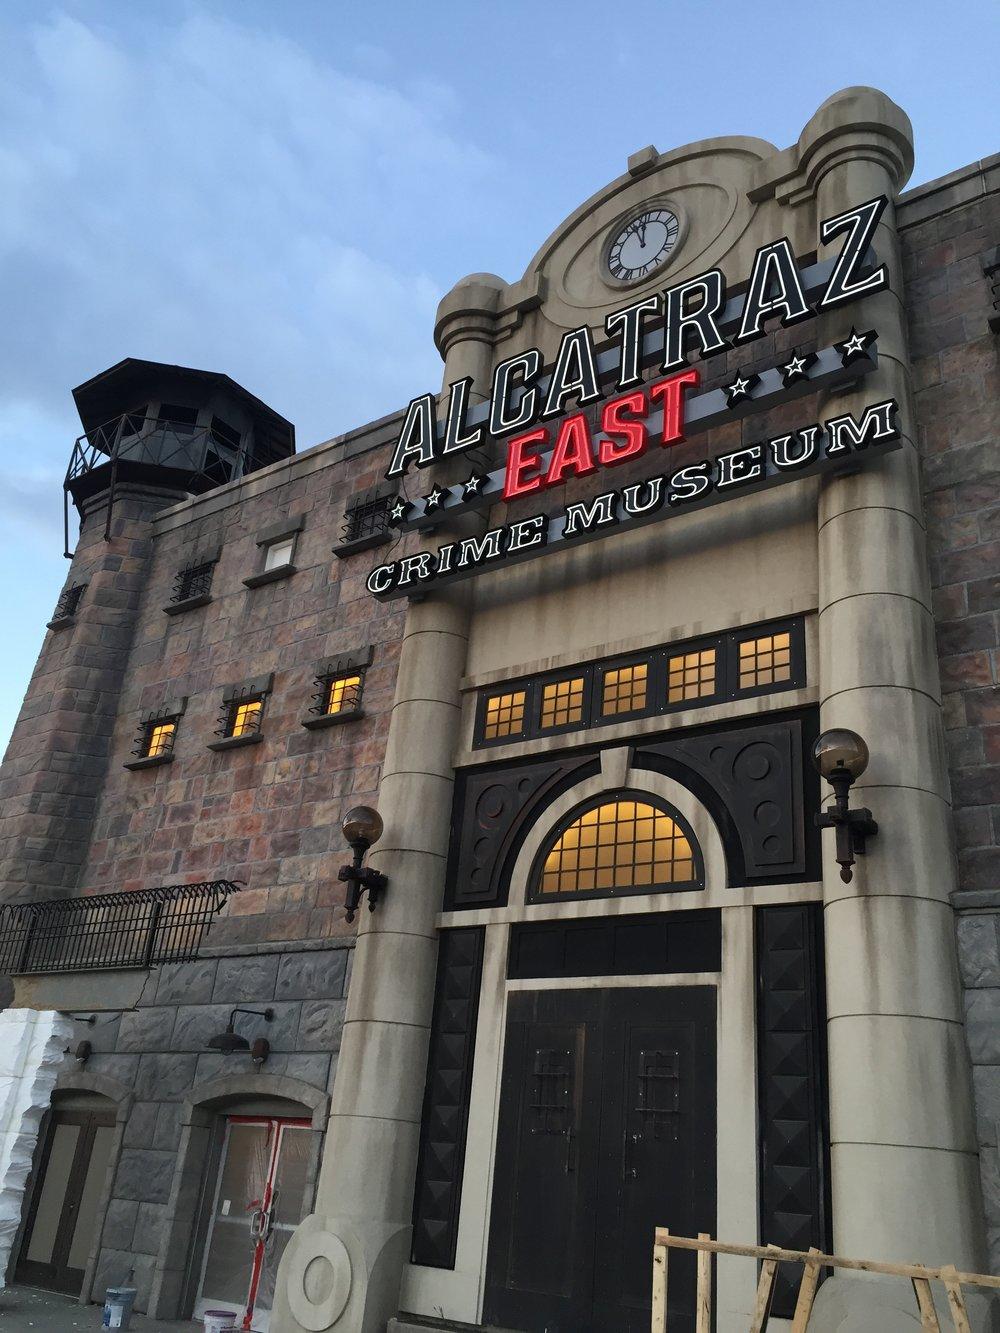 Alcatraz East, in progress.